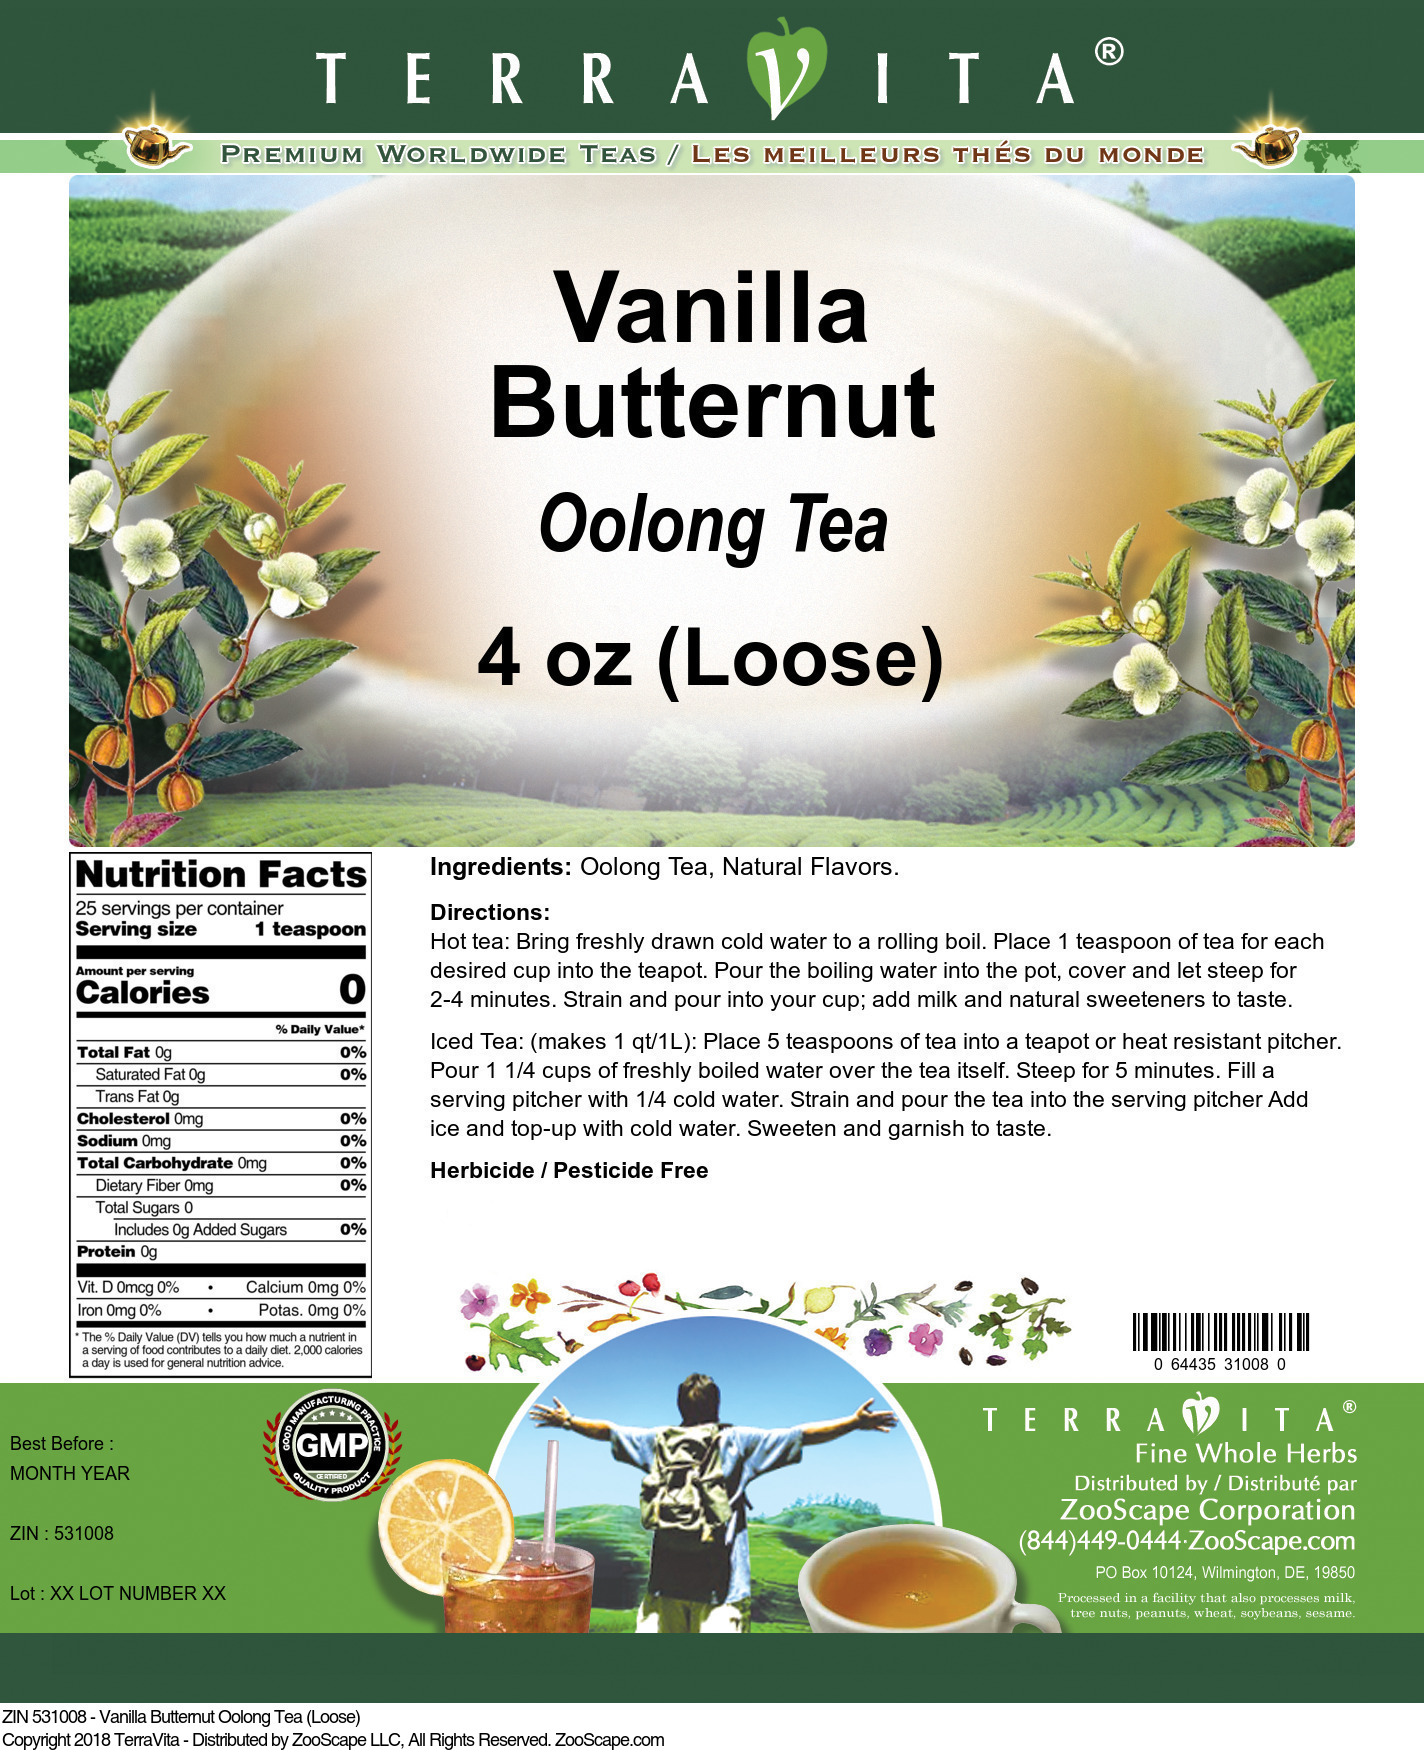 Vanilla Butternut Oolong Tea (Loose)